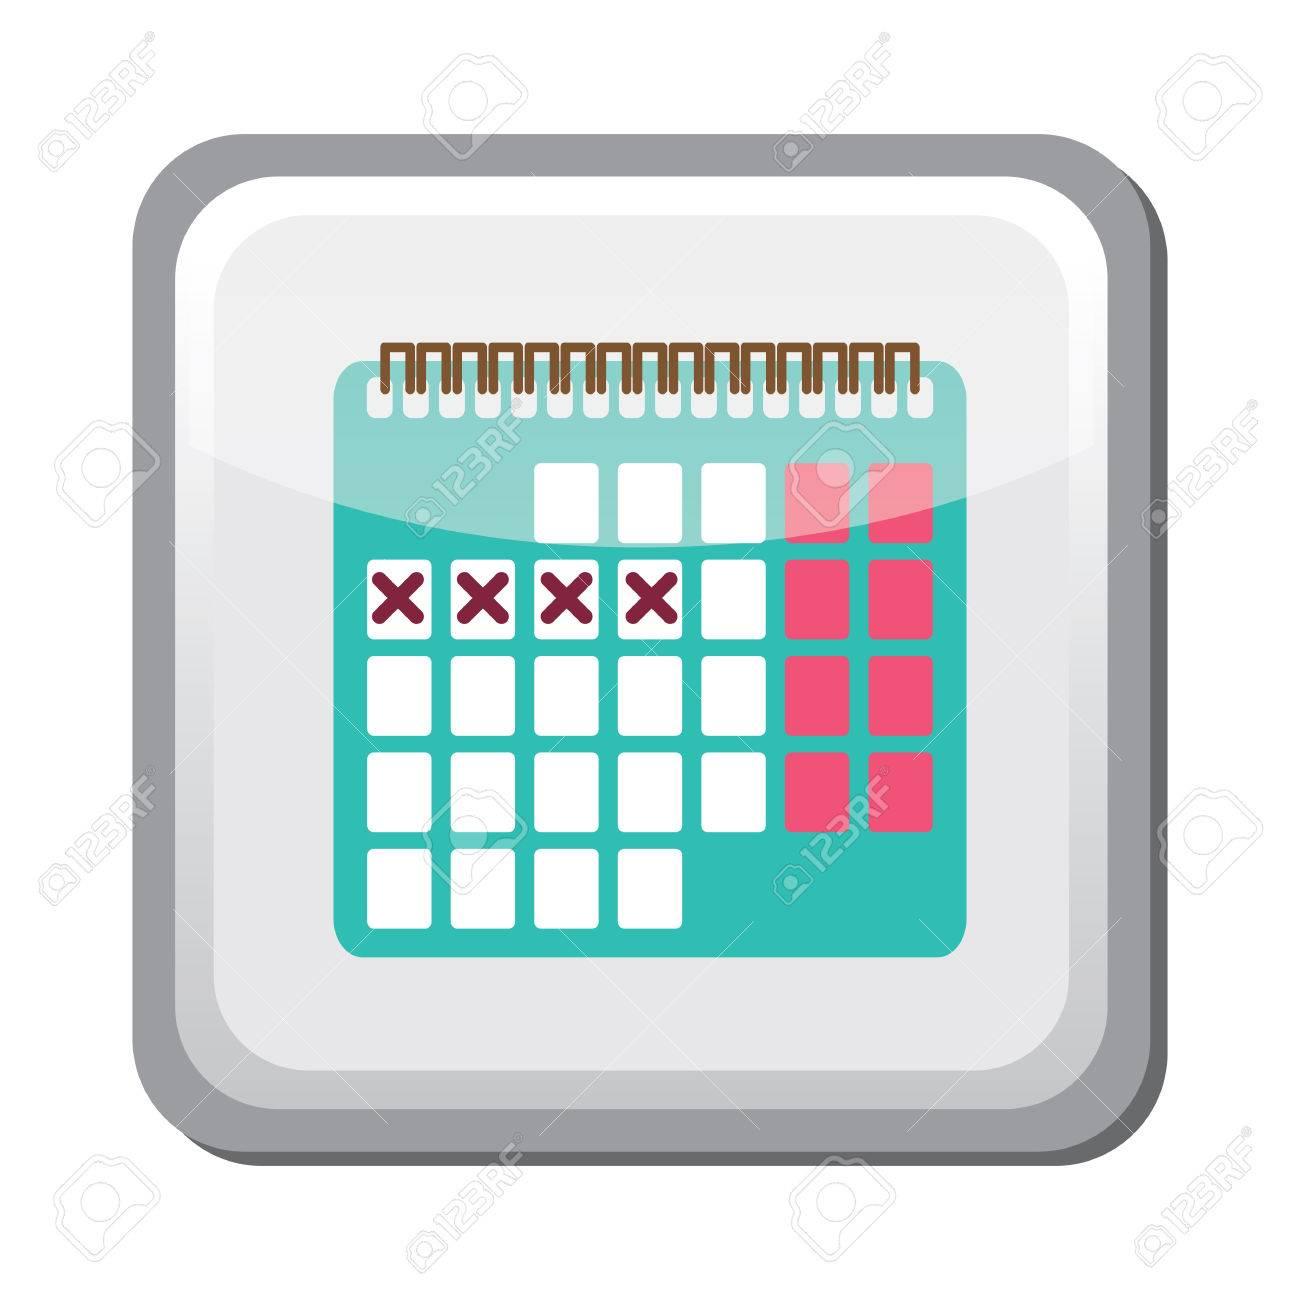 Metodo Del Calendario.Metodo Contraccezione Icona Del Calendario La Famiglia E Genitorialita La Gravidanza